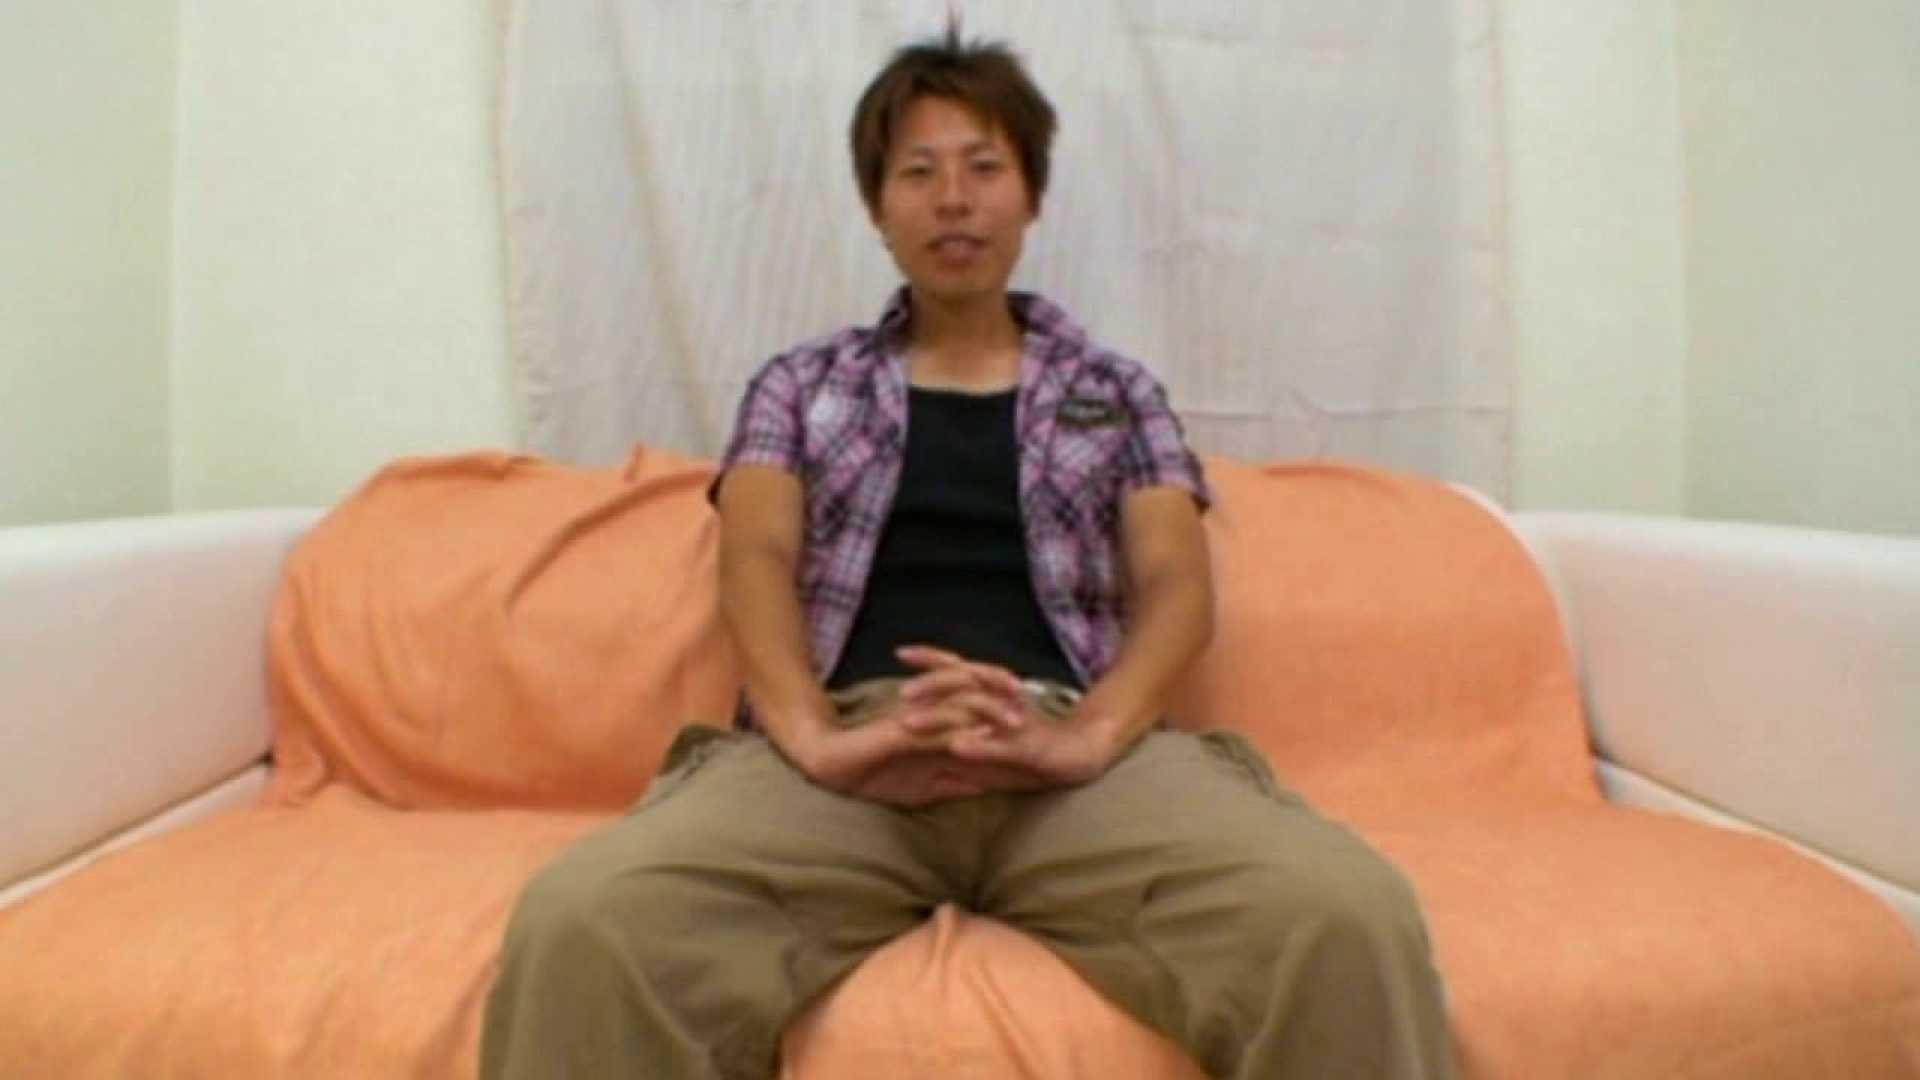 ノンケ!自慰スタジオ No.10 オナニー   素人ゲイ アダルトビデオ画像キャプチャ 47pic 33